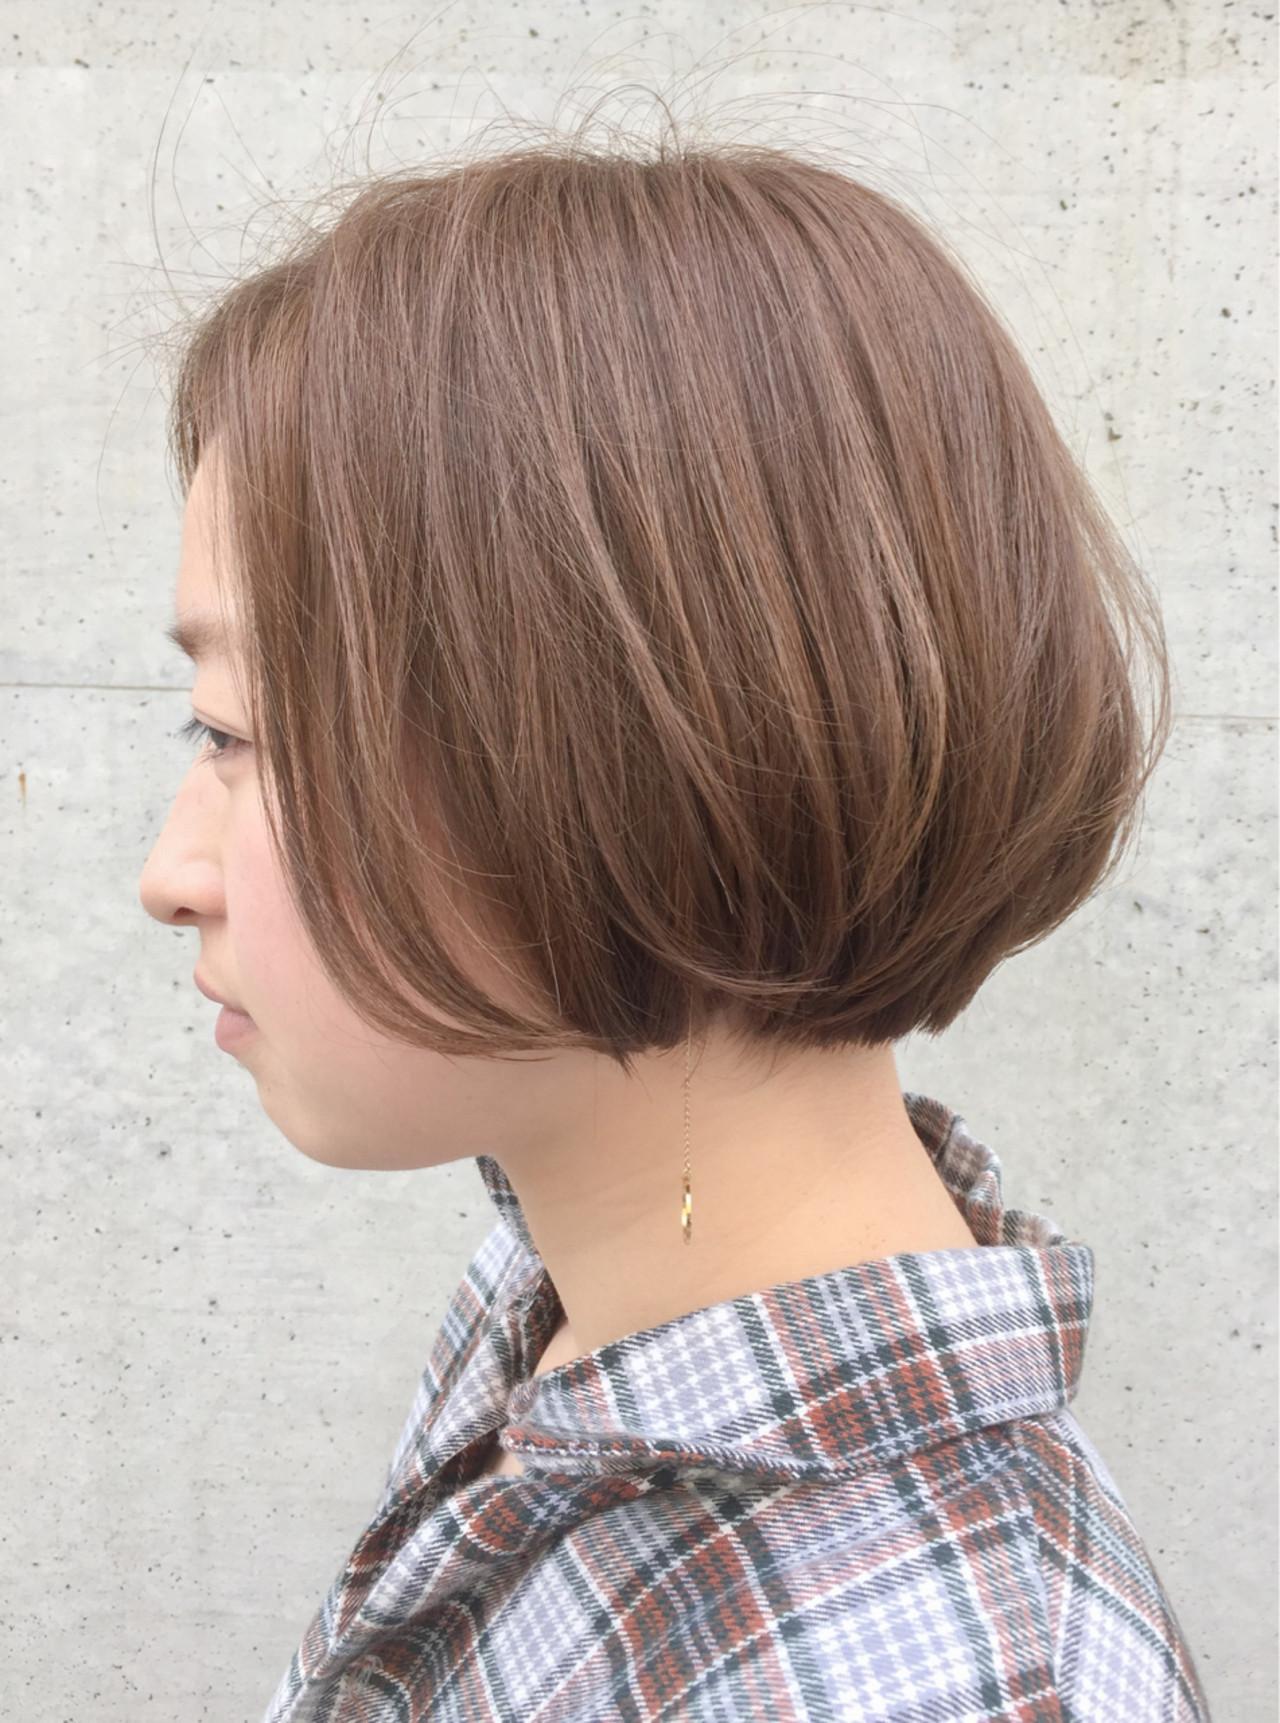 ハイトーン ナチュラル 夏 外国人風 ヘアスタイルや髪型の写真・画像